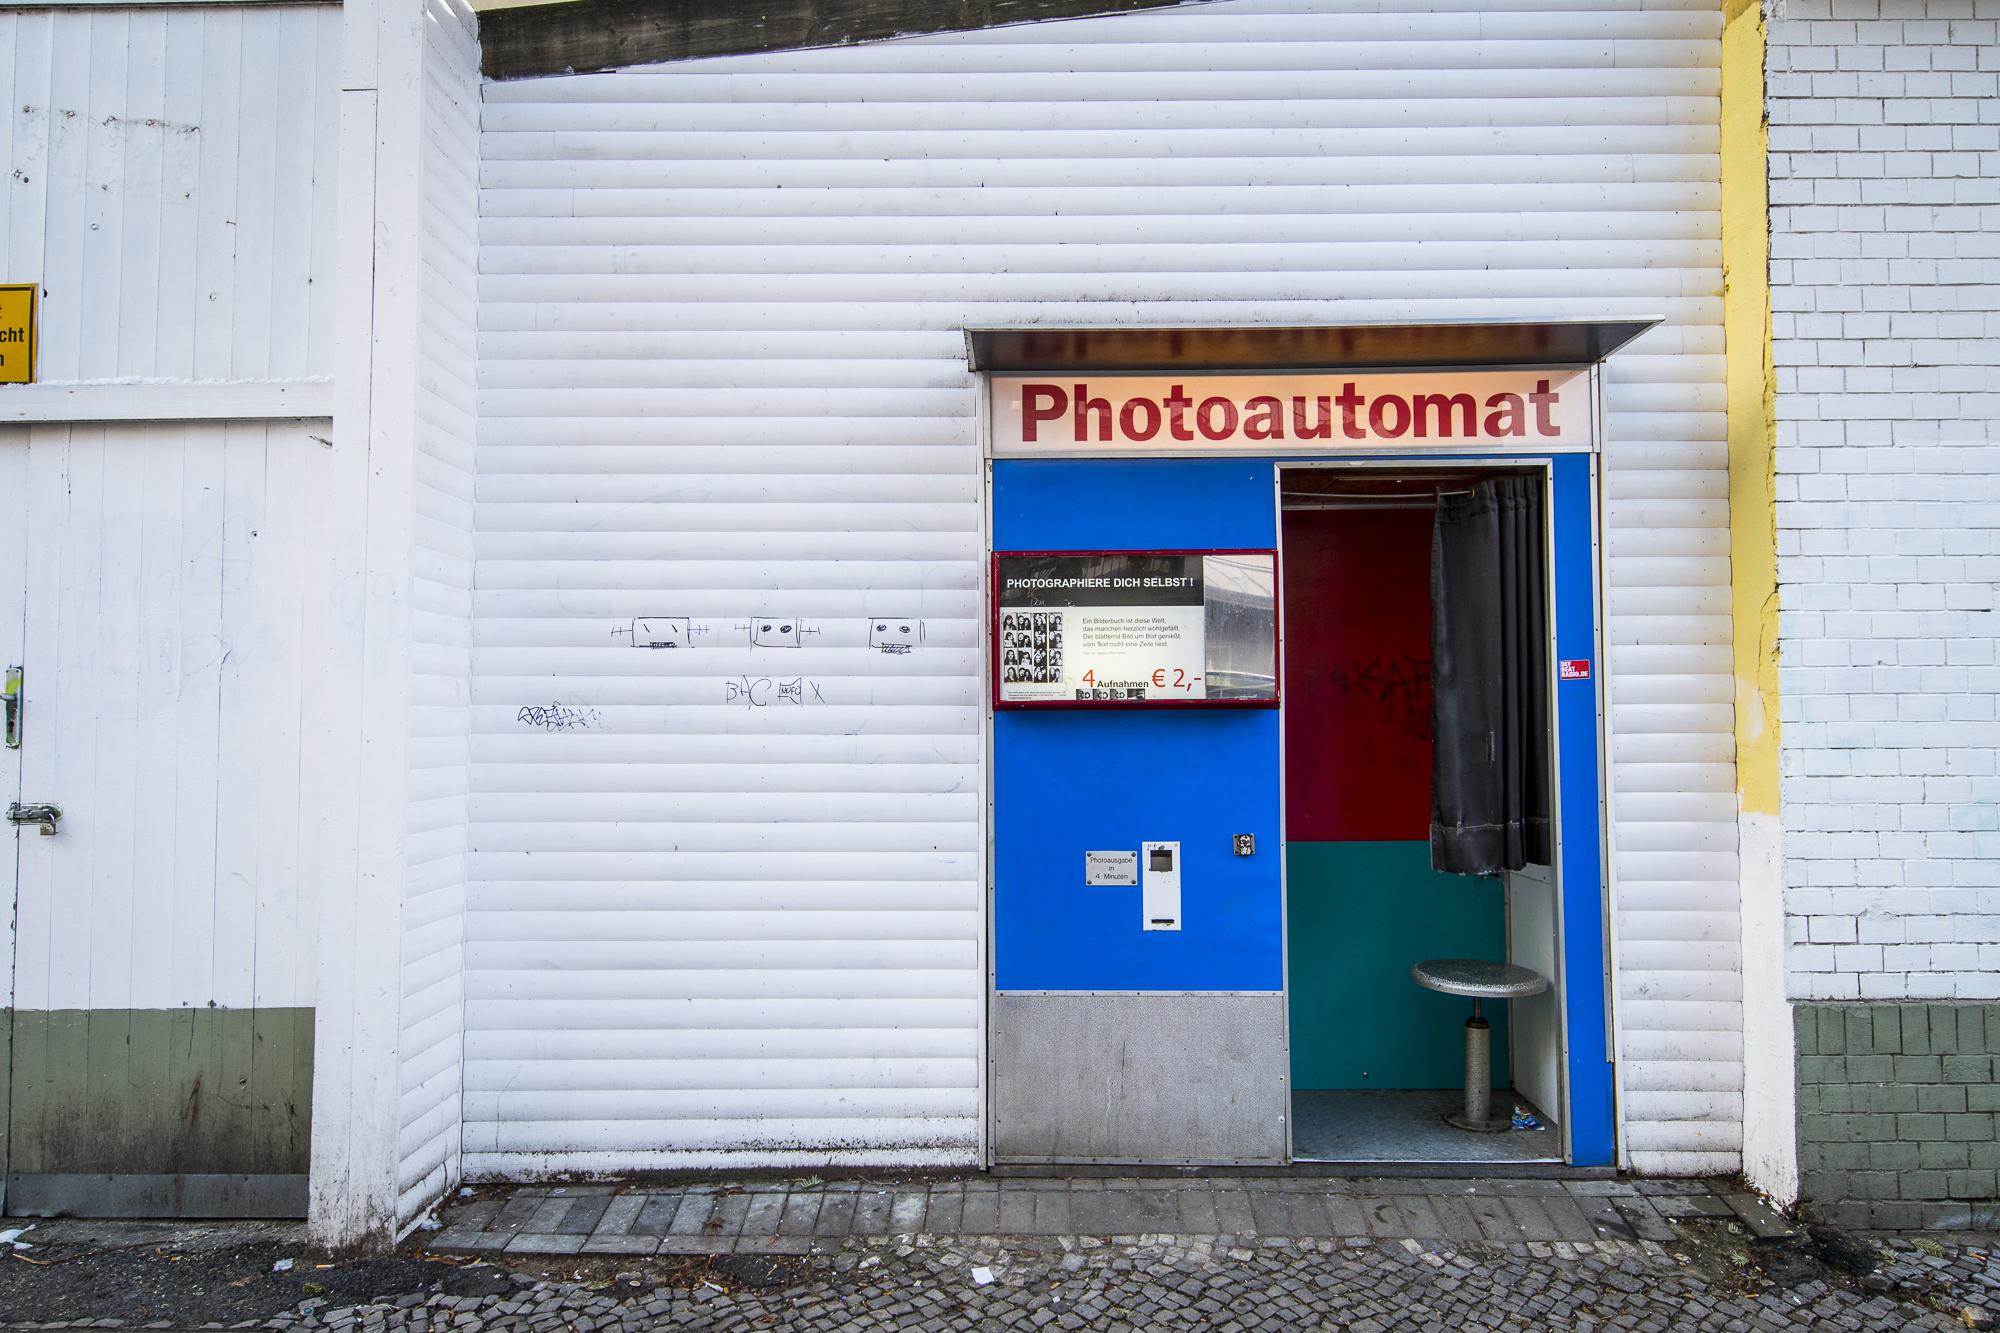 Hobrechtstraße 57  PHOTOGRAPHY: ALEXANDER J.E. BRADLEY • NIKON D500 • AF-S NIKKOR 14-24MM F/2.8G ED @ 16MM • F/5.6 • 1/125 • ISO 200